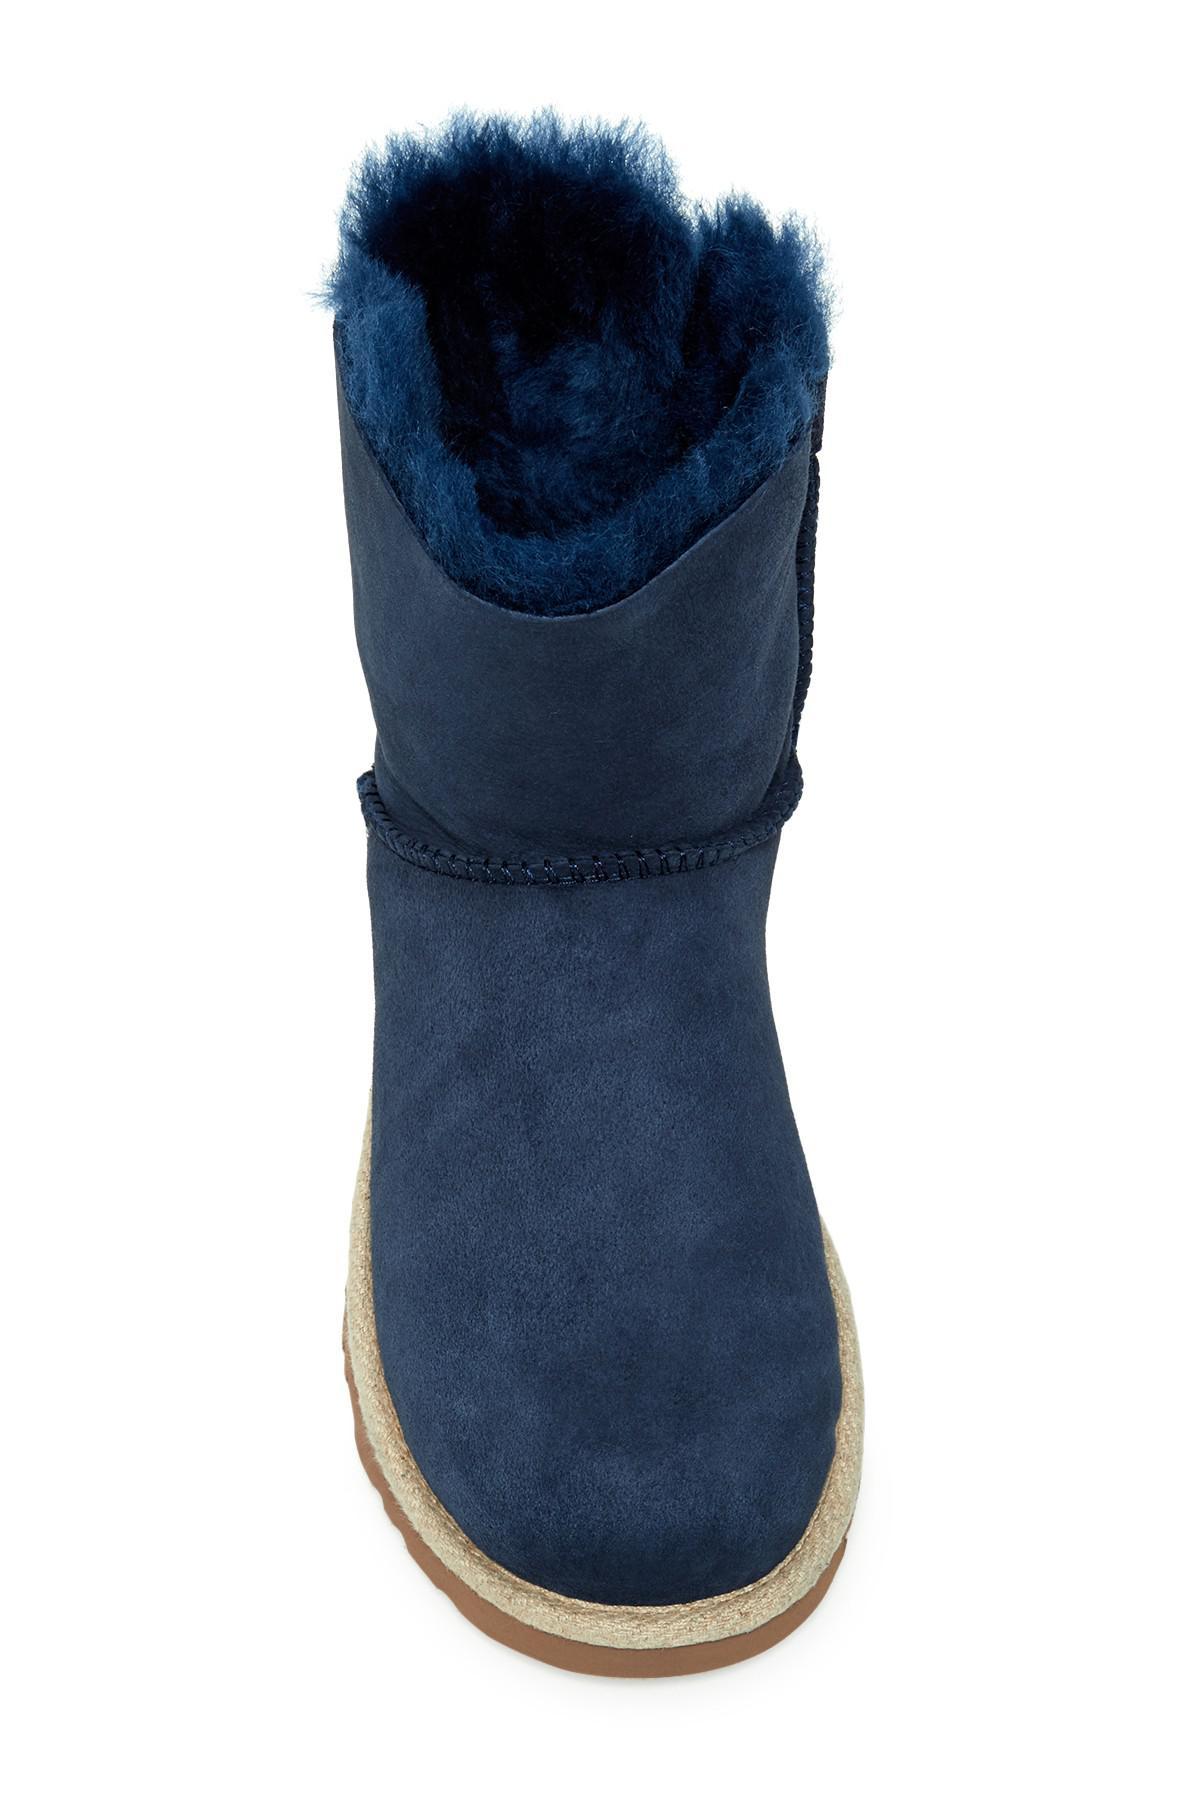 45fef4217a0 Ugg Blue Selene Genuine Shearling Fur Boot